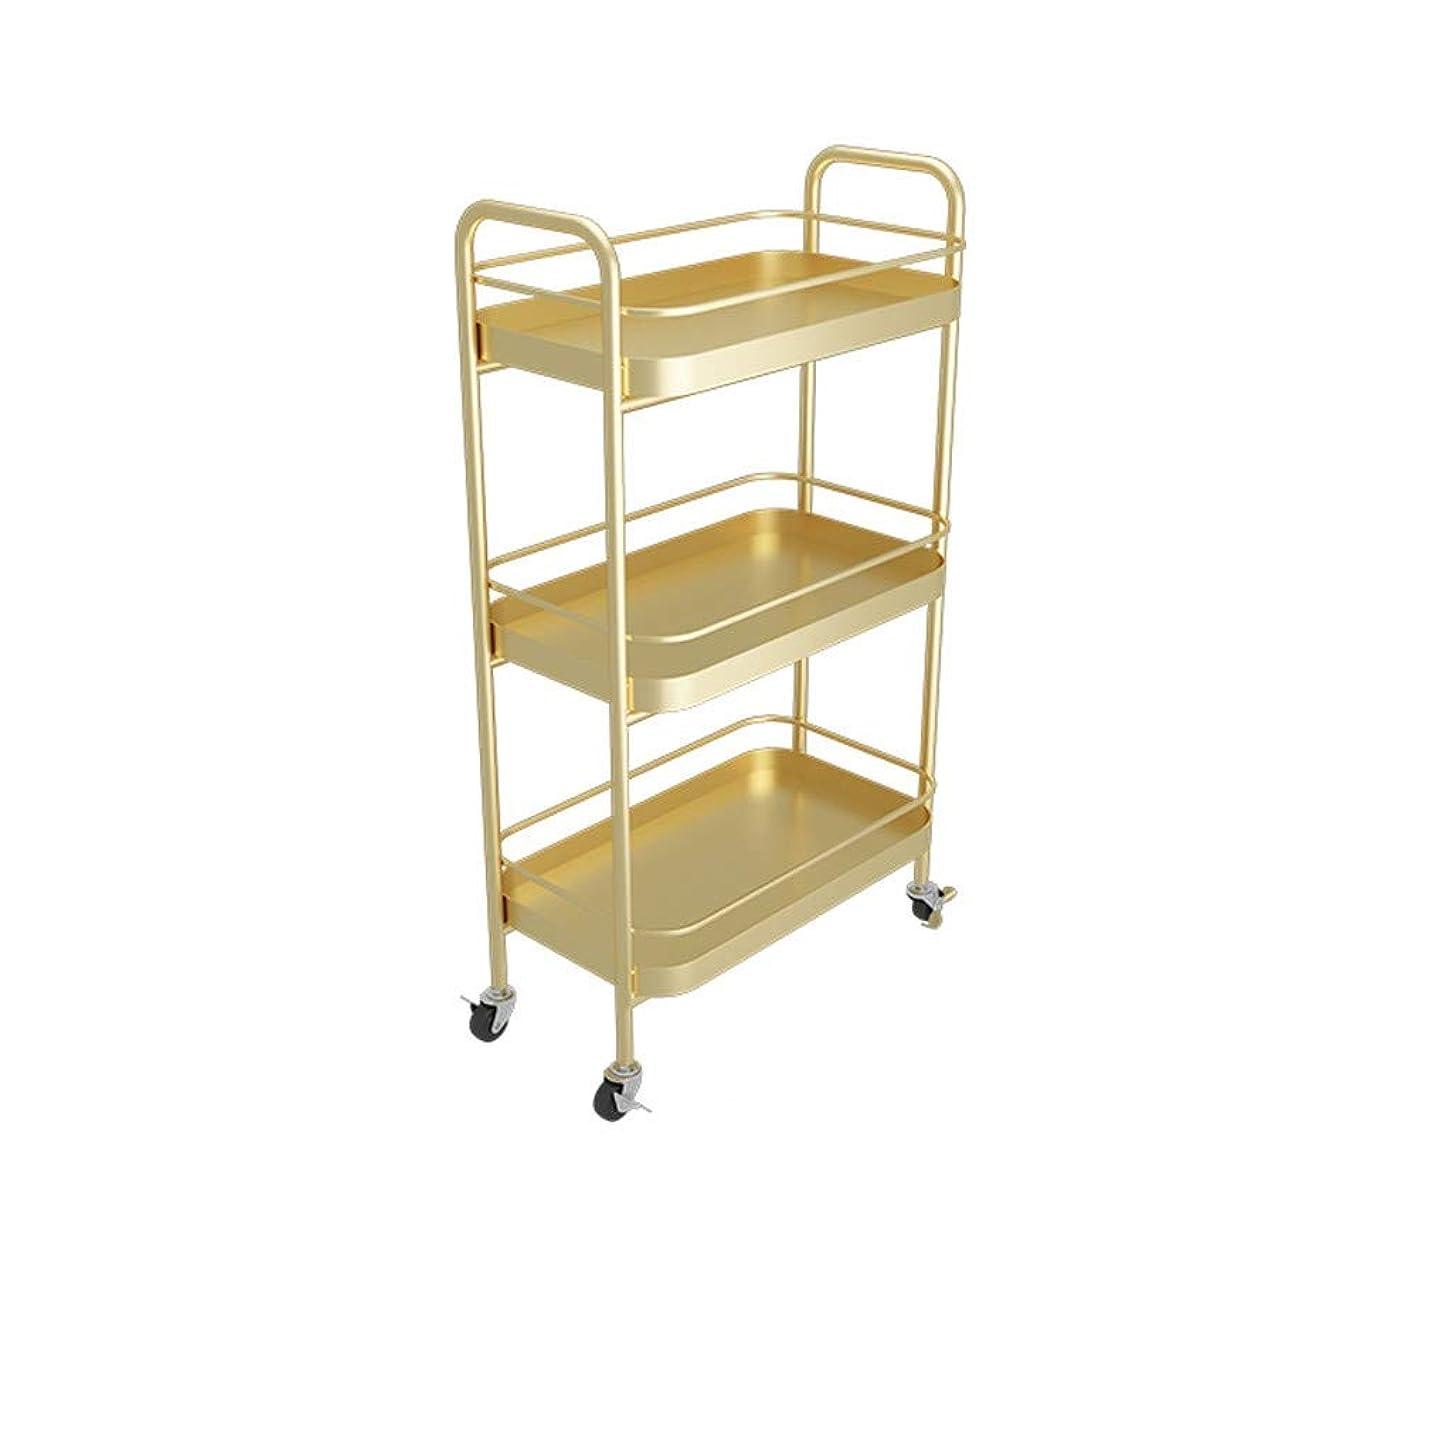 疑問を超えて薄い番目CSQ 3ティアユーティリティカート、ベッドルーム保育園パントリー浴室大規模なストレージカート用ホイール付き多機能オーガナイザーカート (Color : Gold, Size : 25*45*81CM)